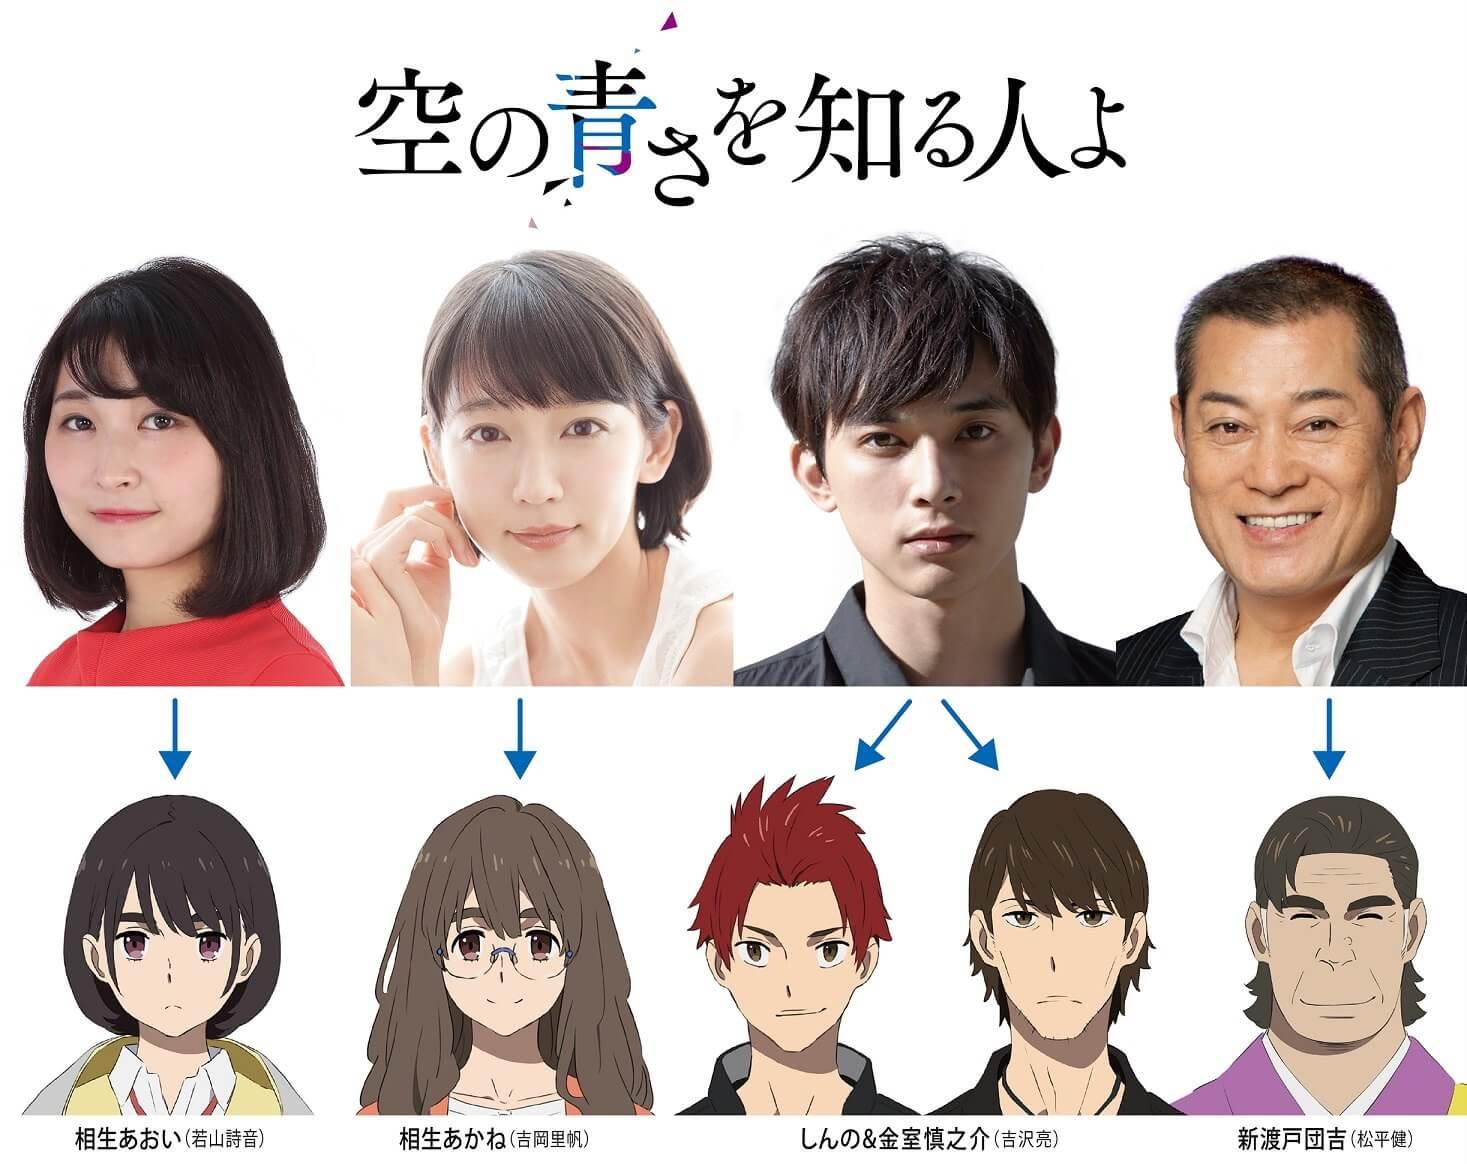 Sora no Aosa personajes